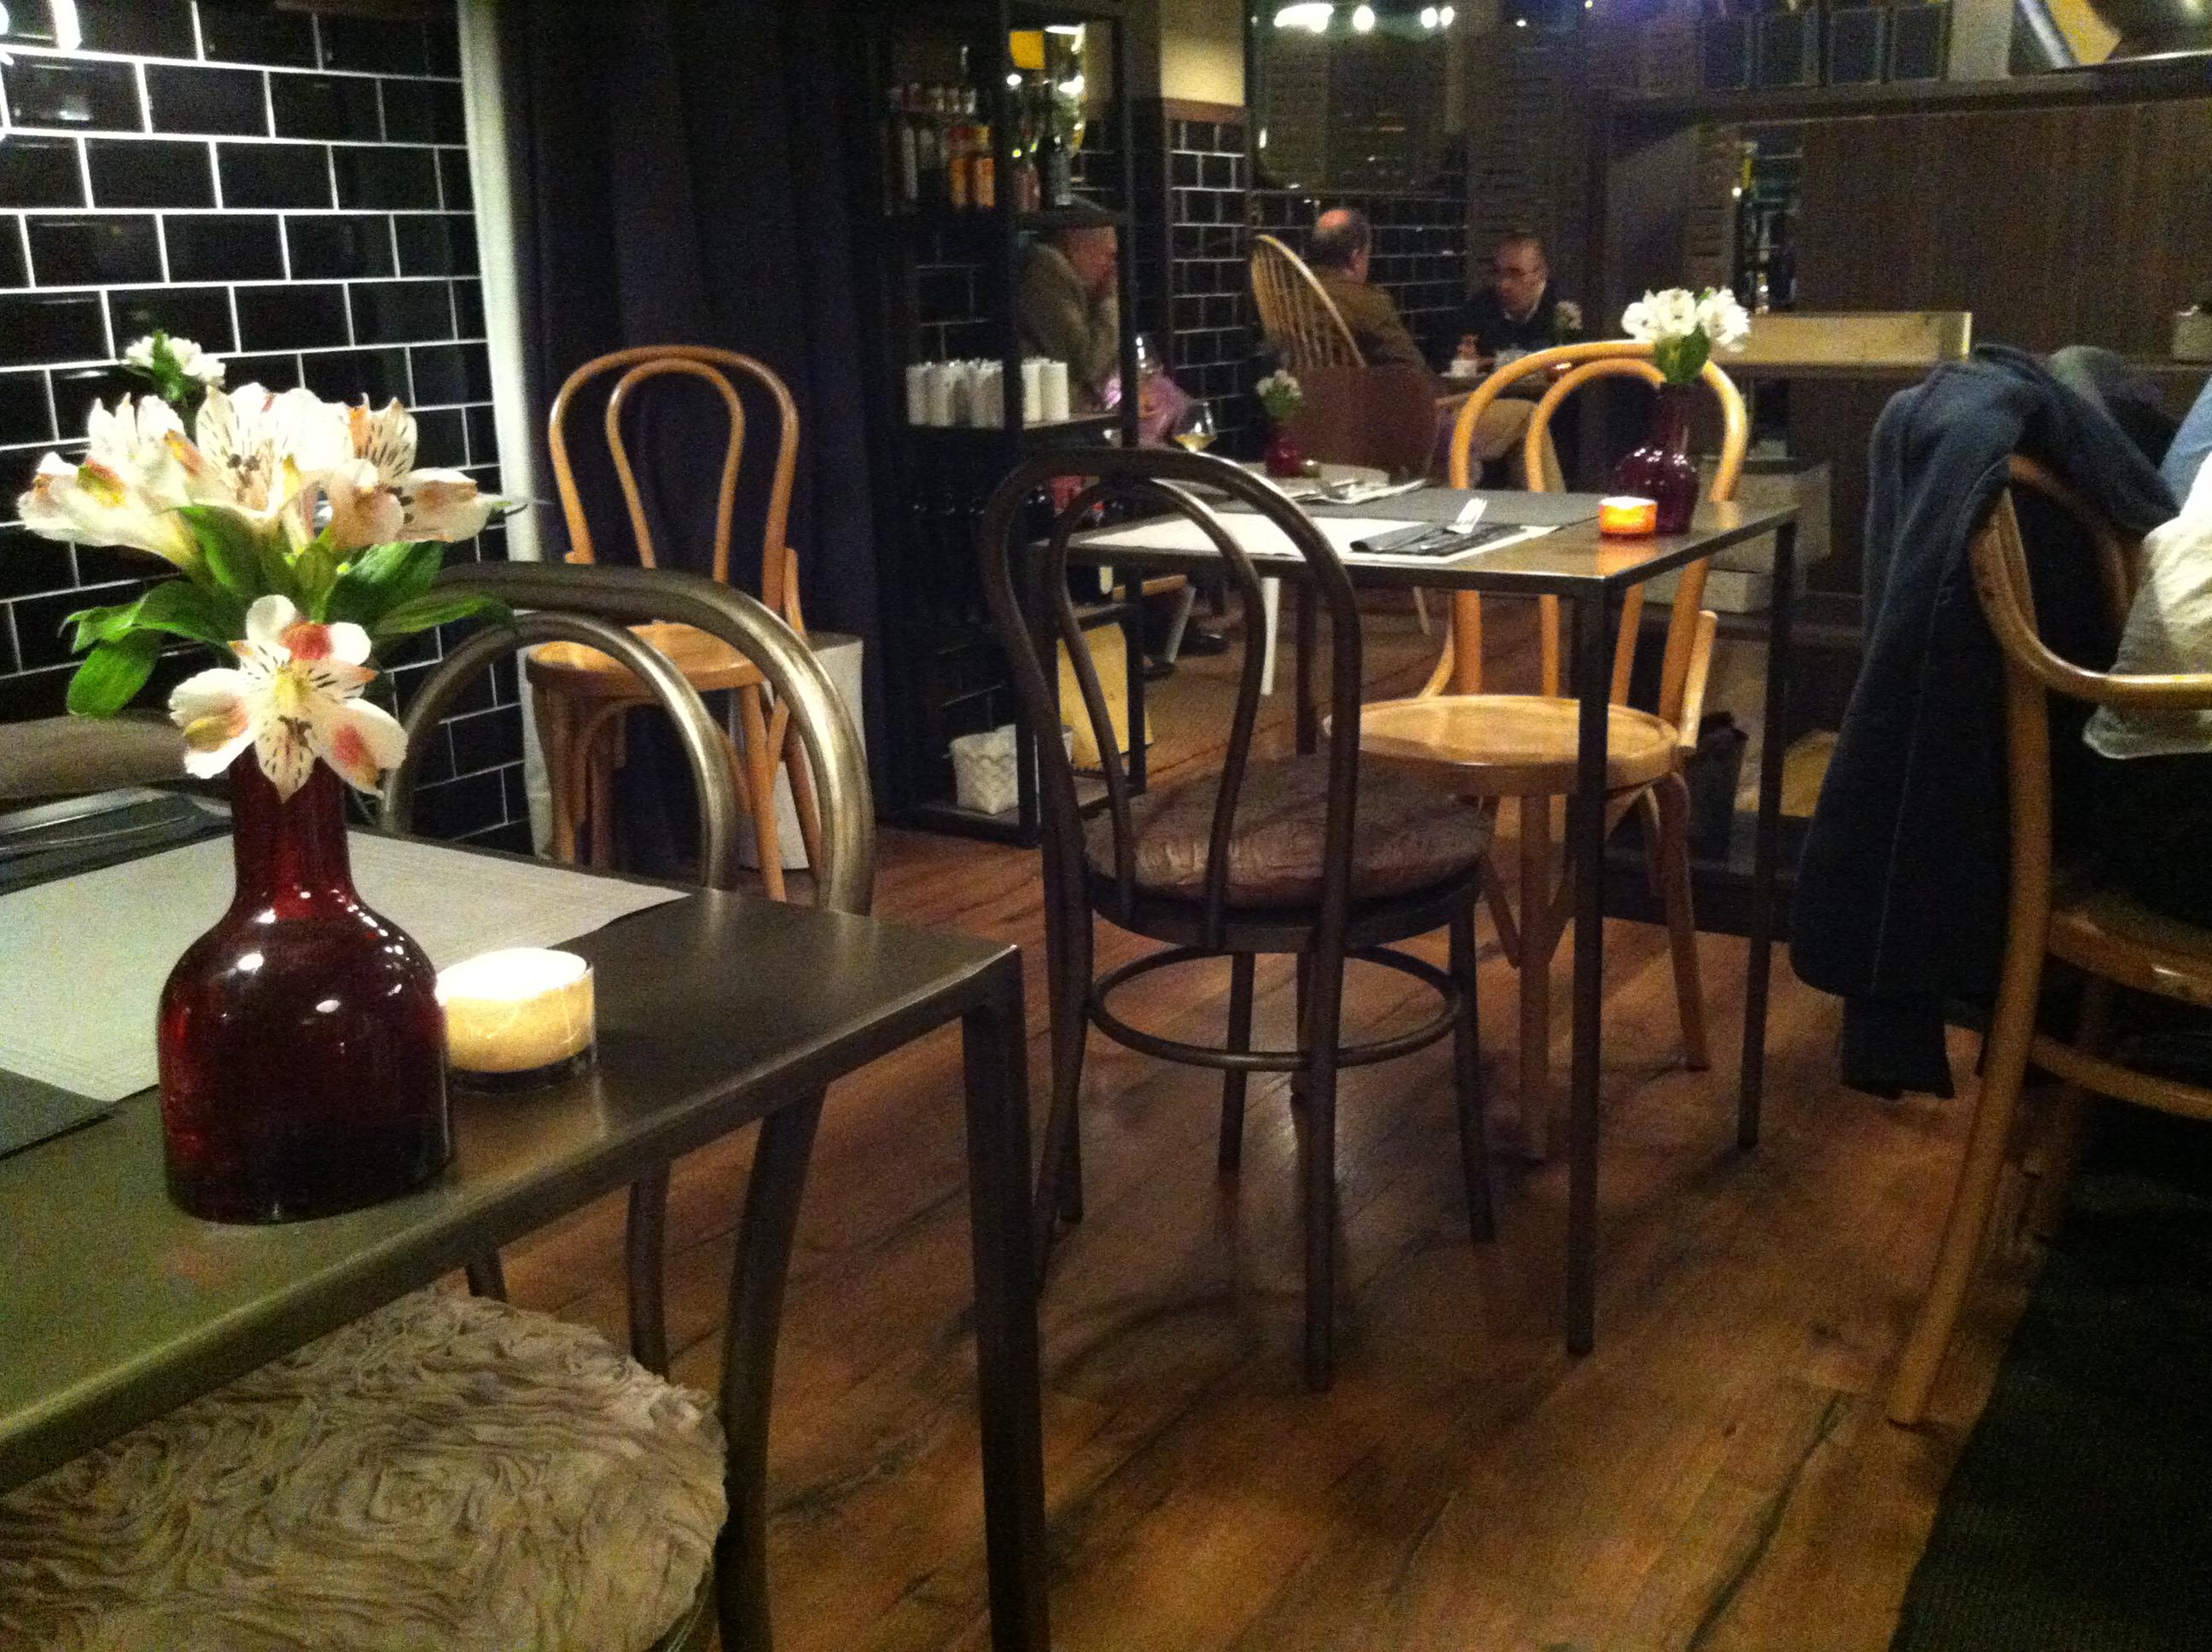 Silla vintage mesas y sillas de estilo vintage retro - Muebles hosteleria barcelona ...